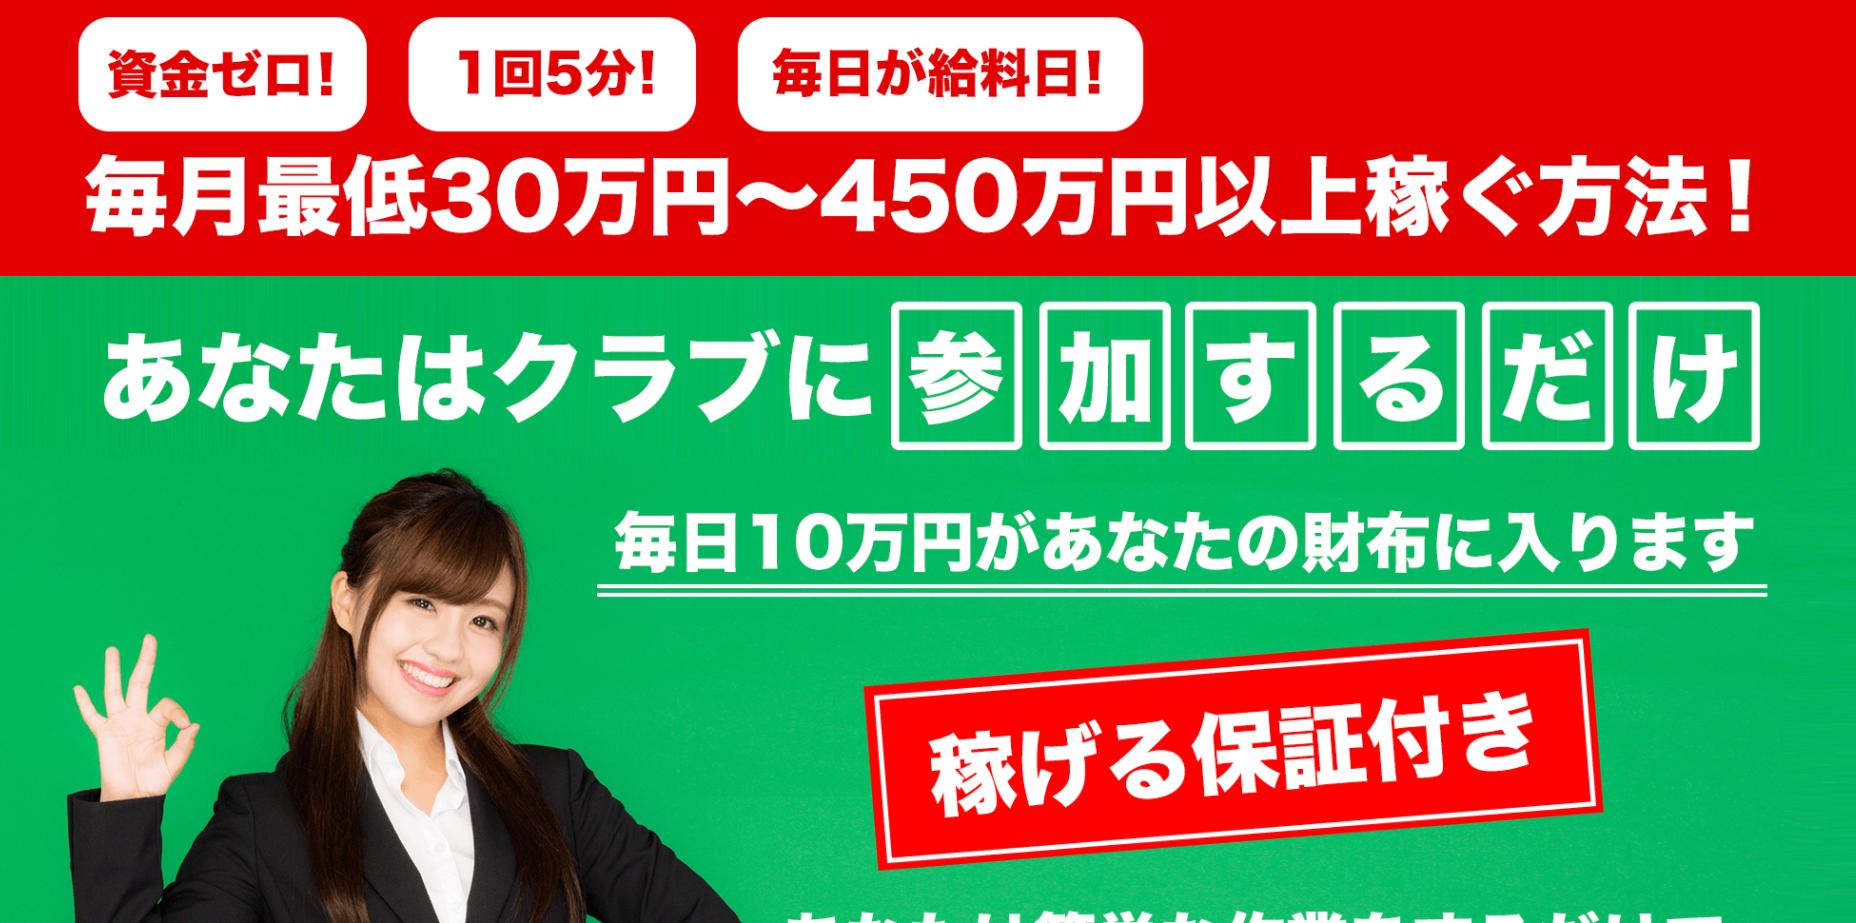 日給10万円即金クラブは詐欺!メアドを登録してみたw